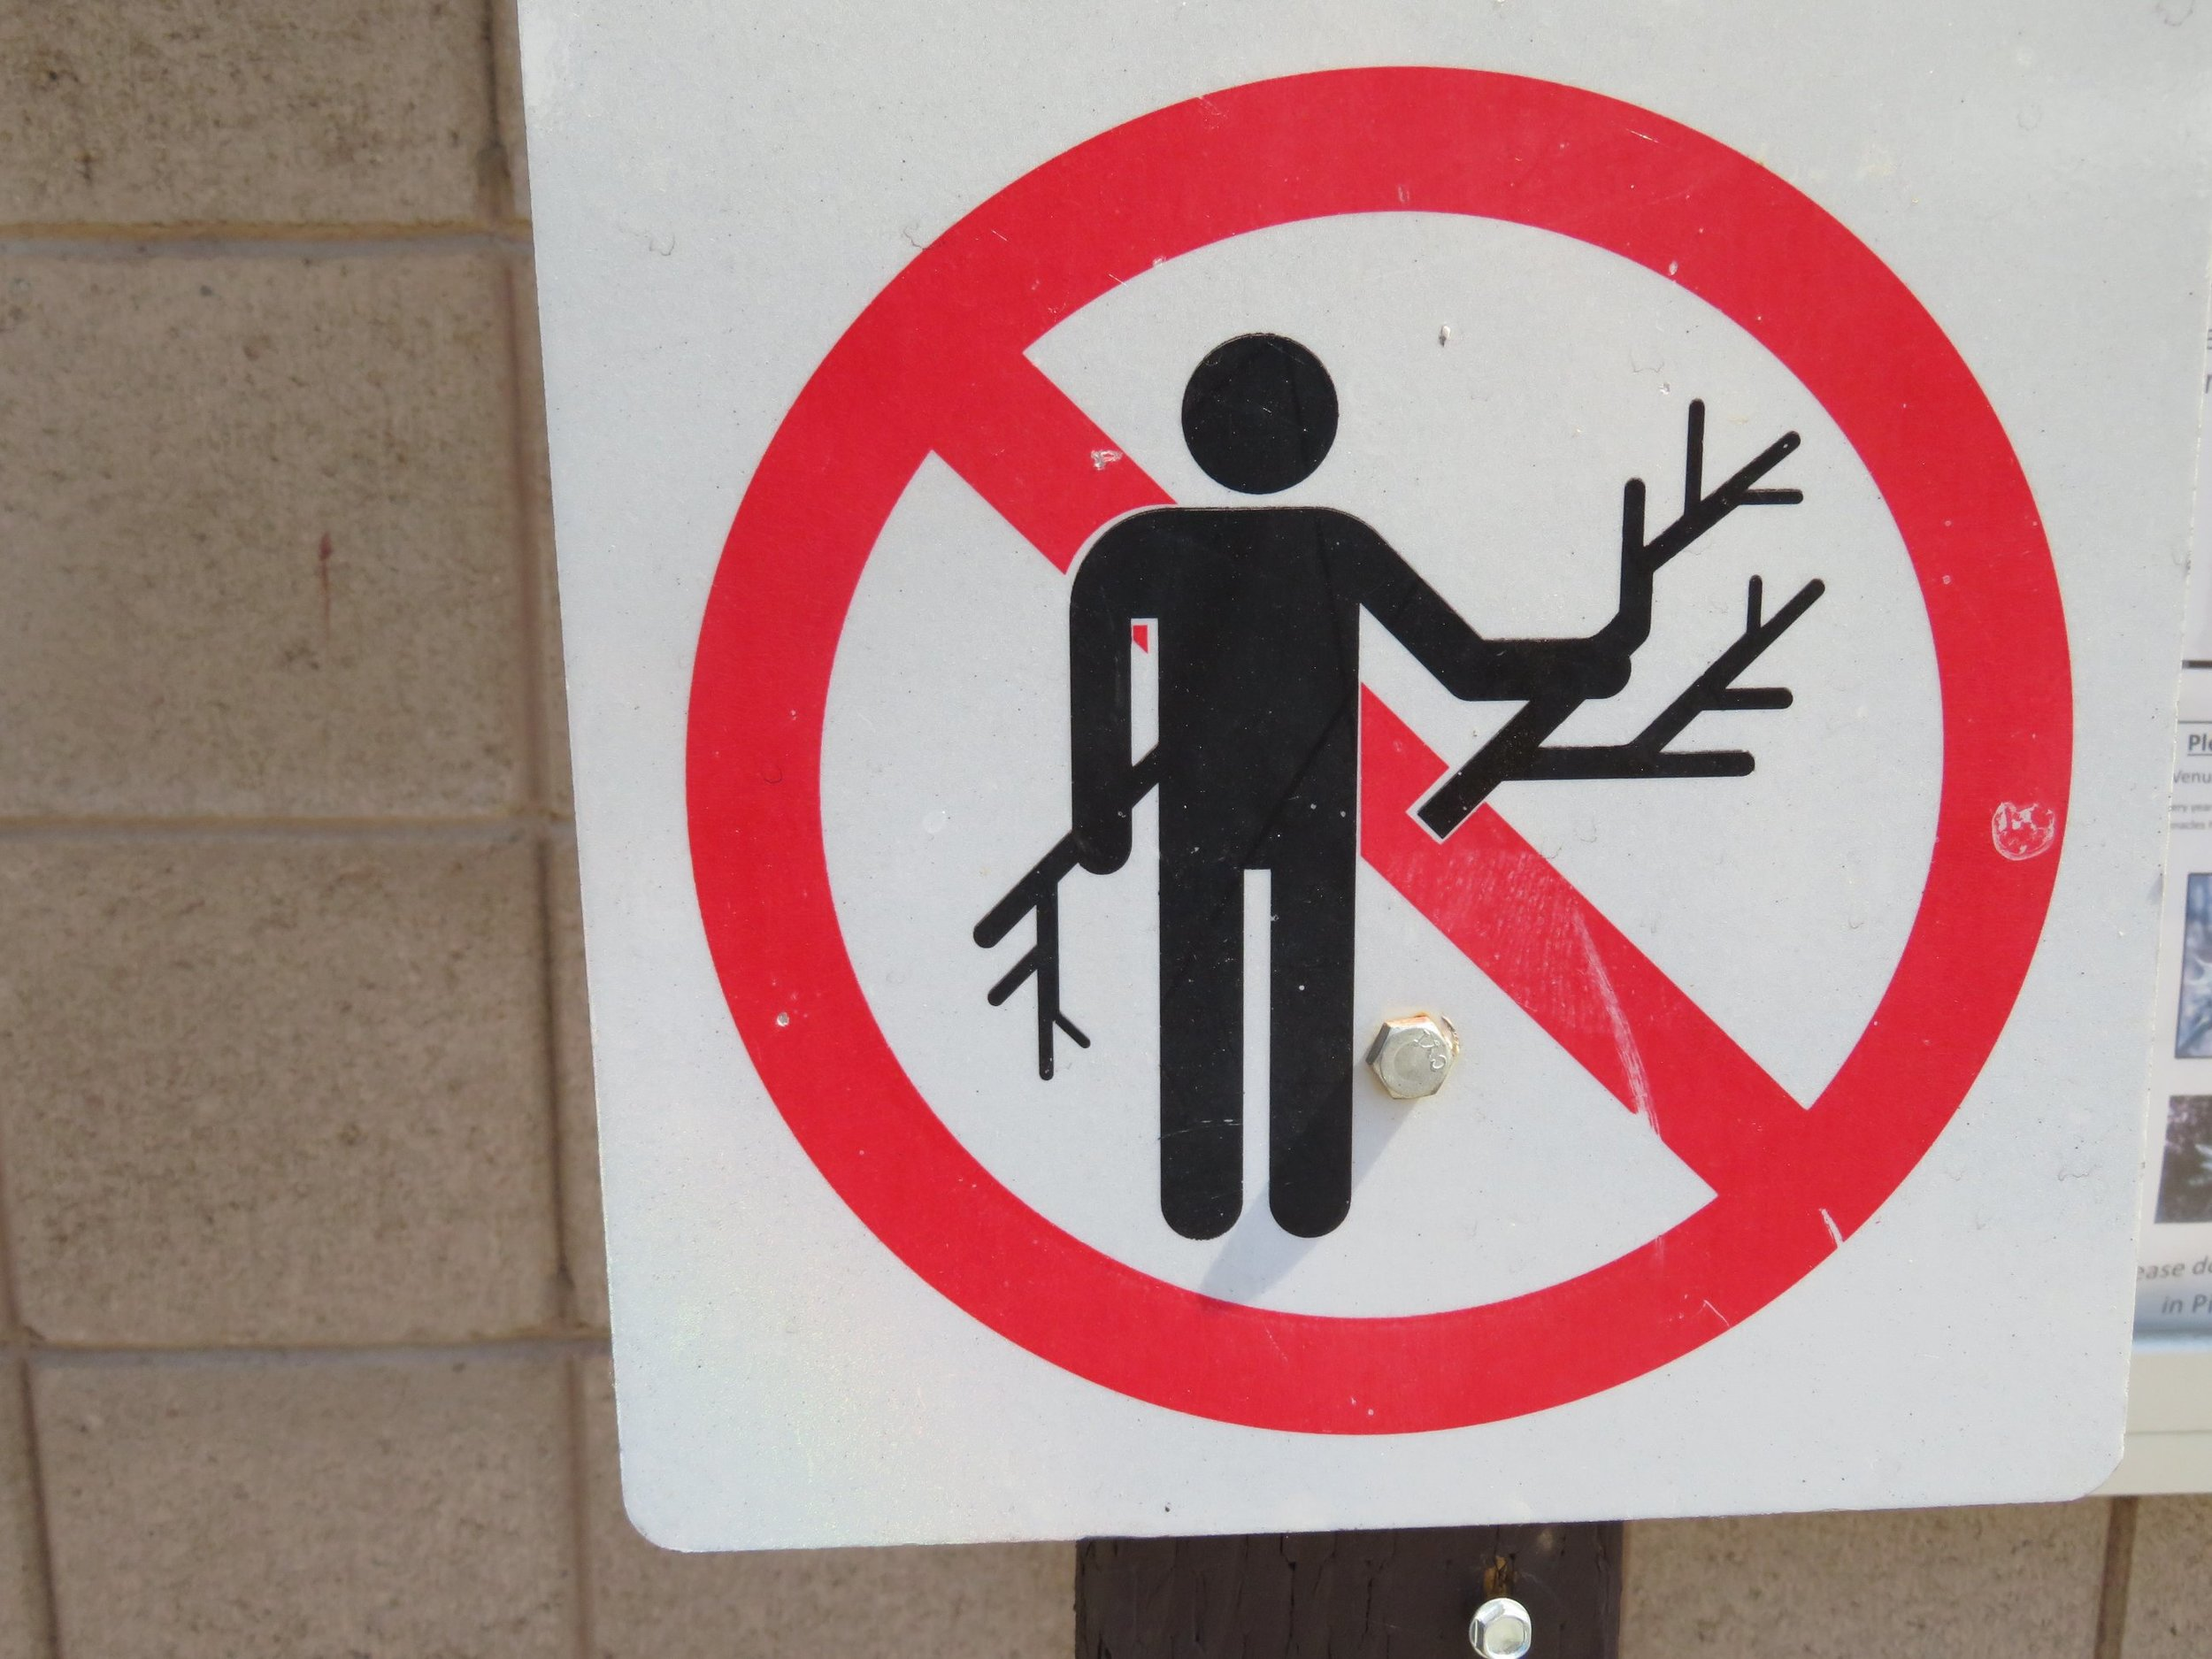 Wood gathering prohibited ... Wool-gathering okay!